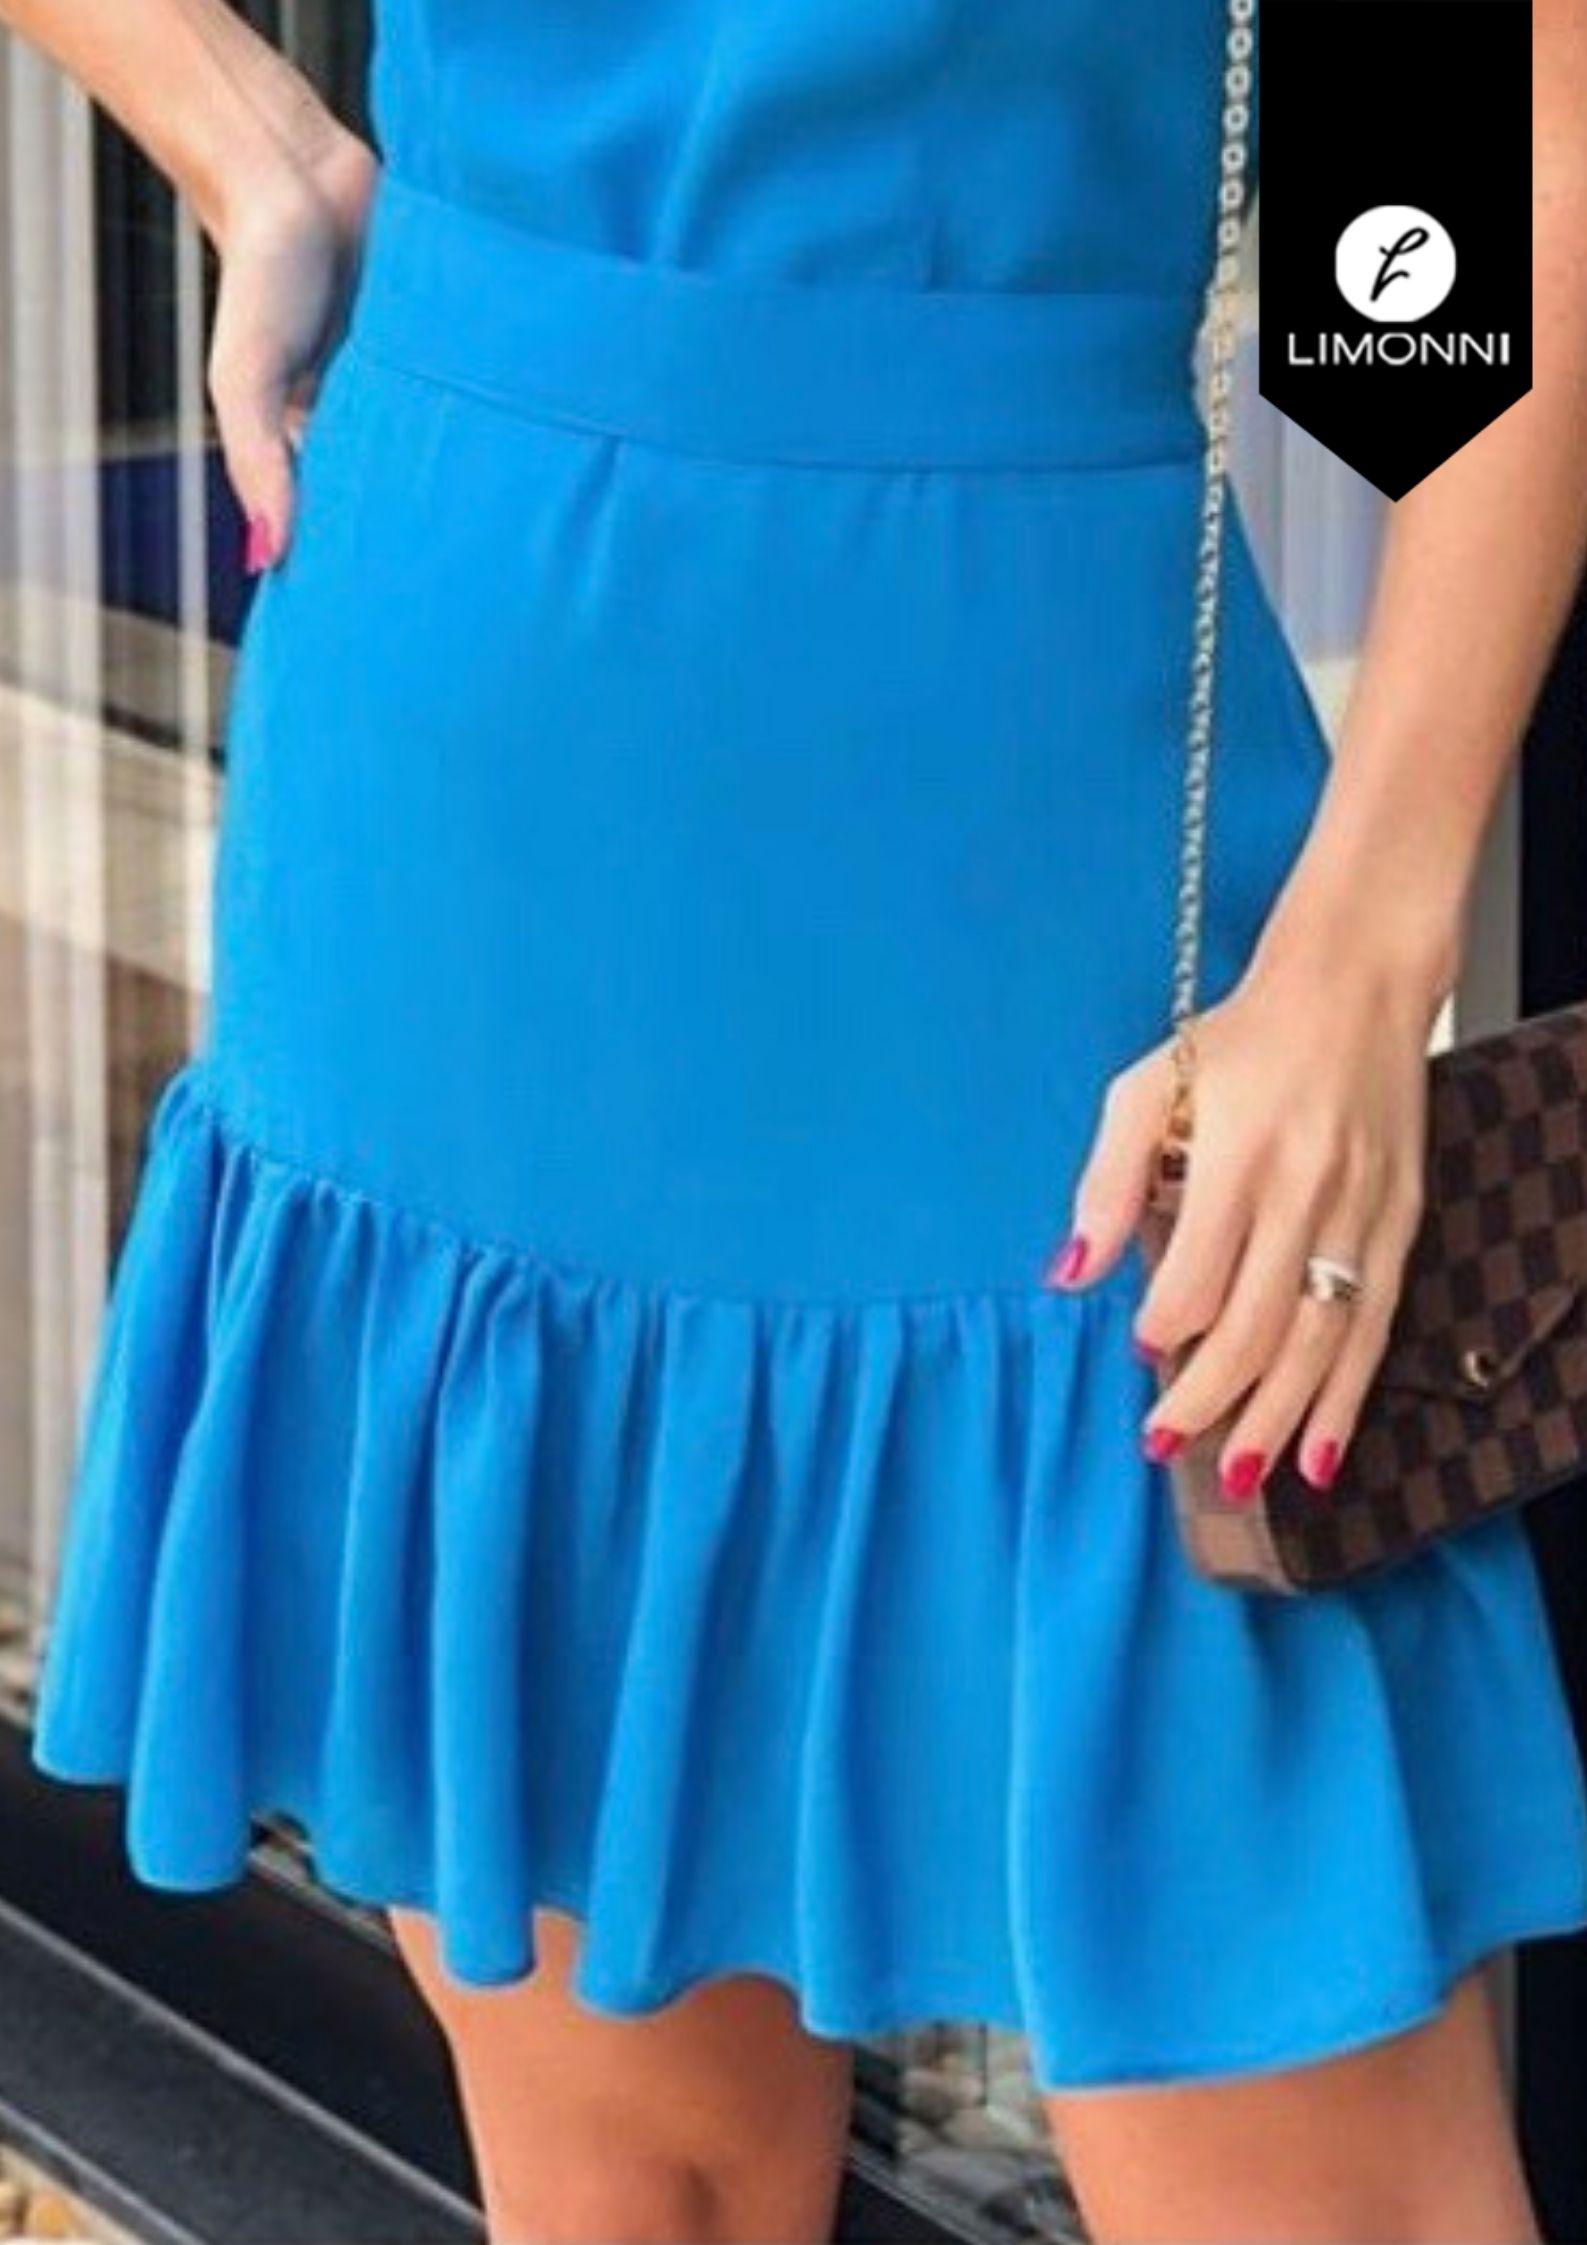 Faldas para mujer Limonni Visionary LI3078 Cortos Casuales